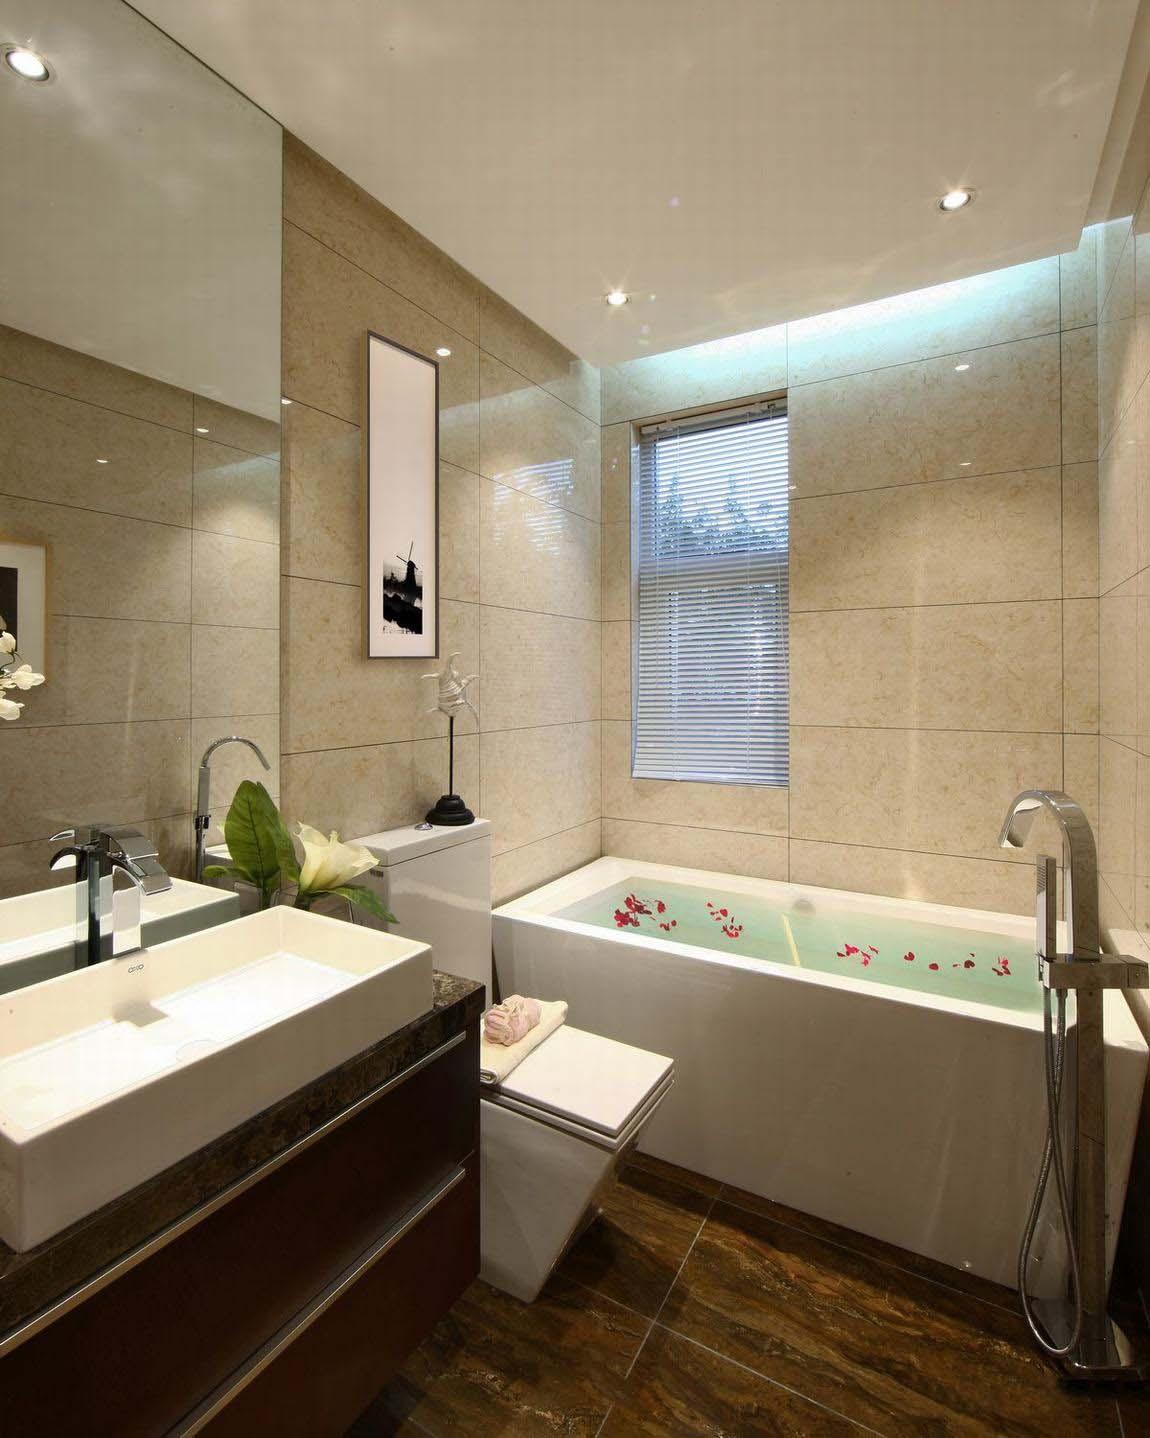 美式卫生间浴缸设计图